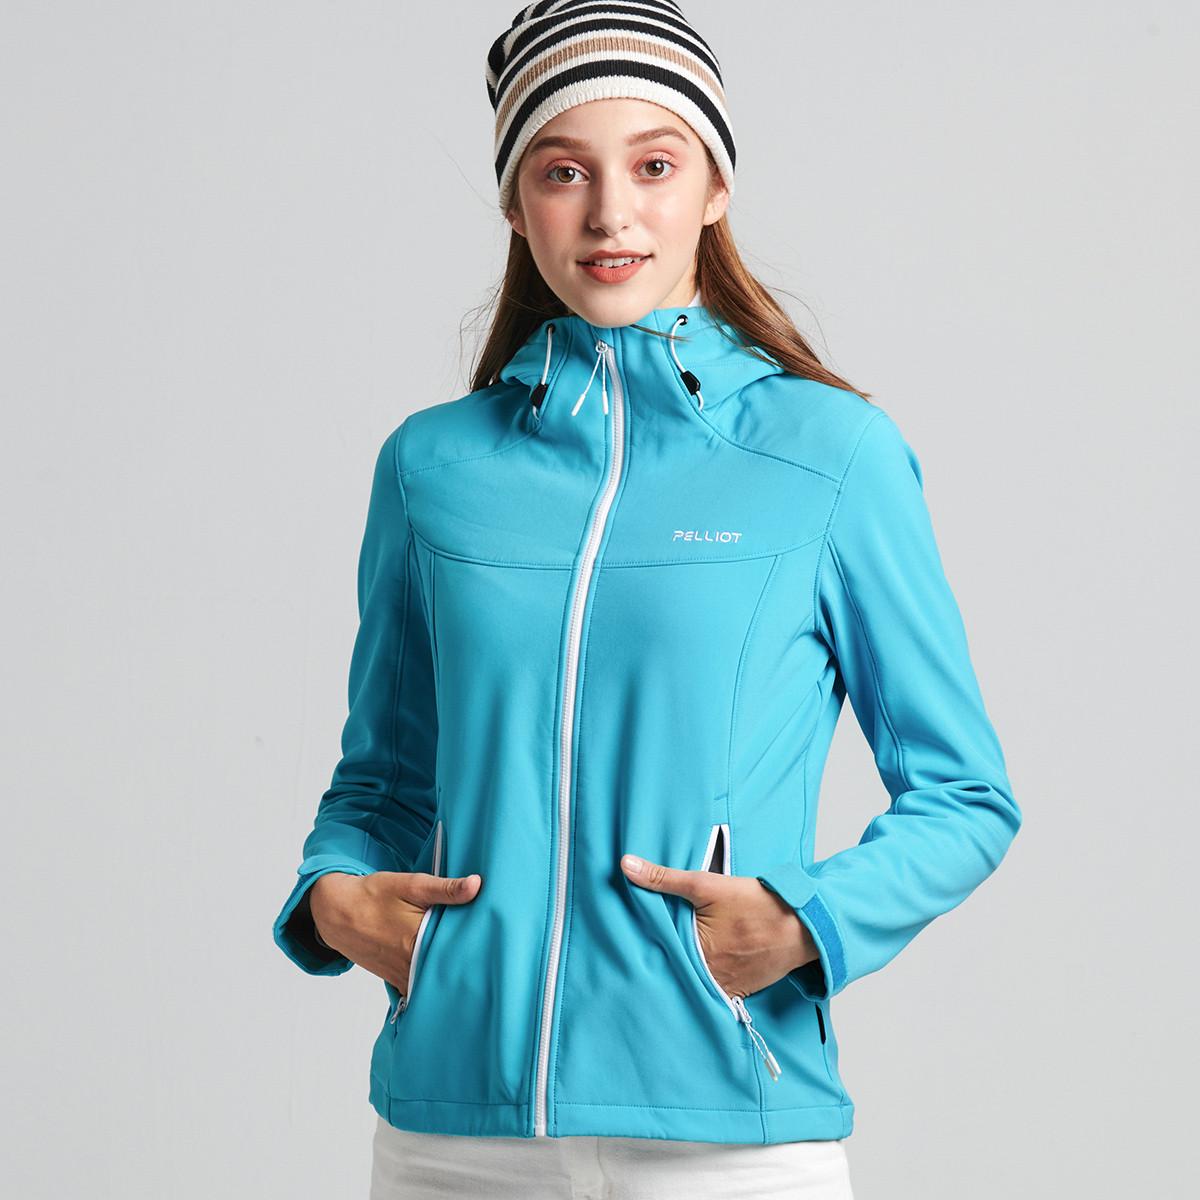 伯希和伯希和户外防风时尚女款软壳衣 加绒透气开衫连帽外套22830610-RK10413